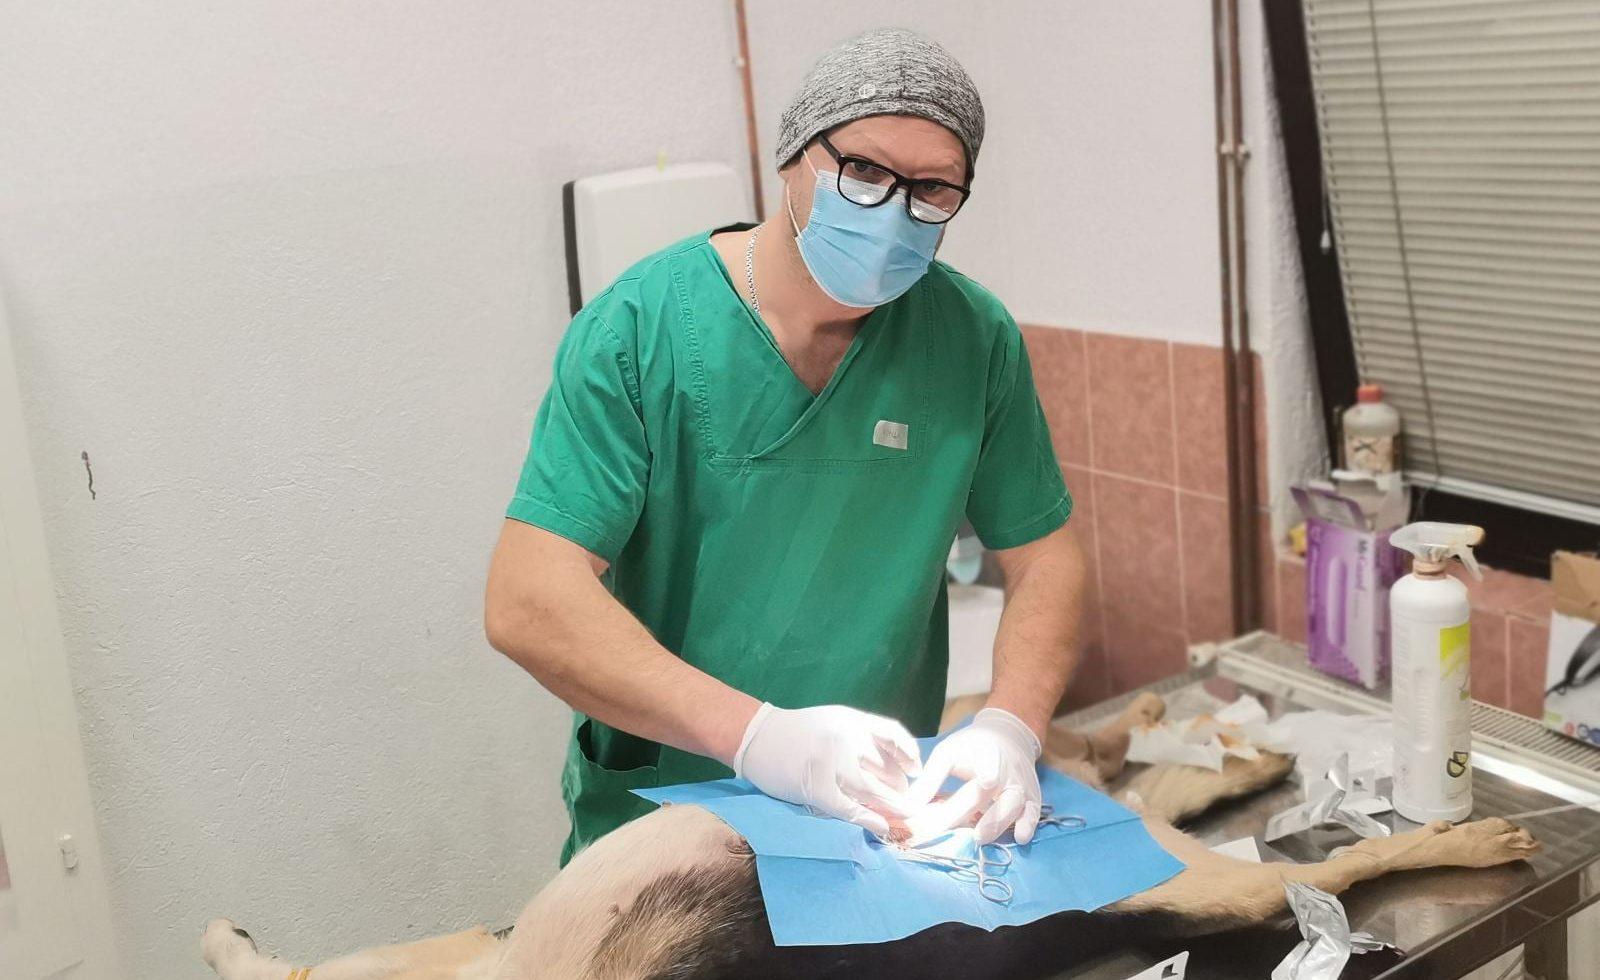 BRAVO Sanski veterinari odstranili tumor kod psa